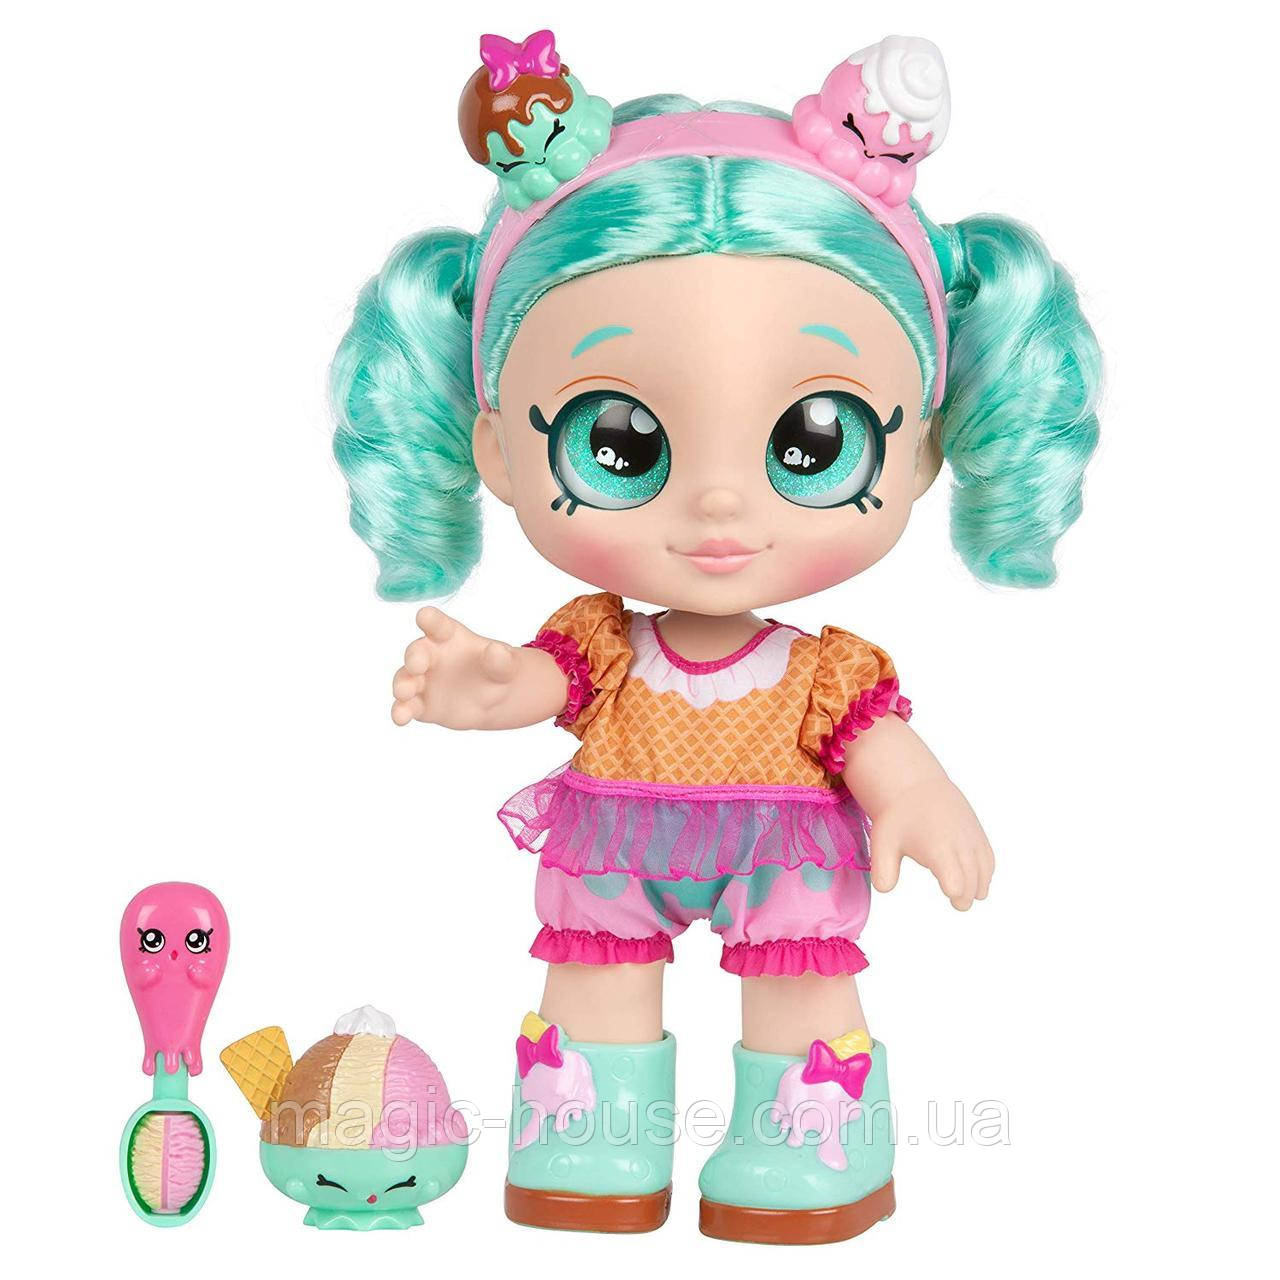 Kindi Kids лялька Peppa-Mint Кінді Кидс Крихта Пеппа Мінт від Moose